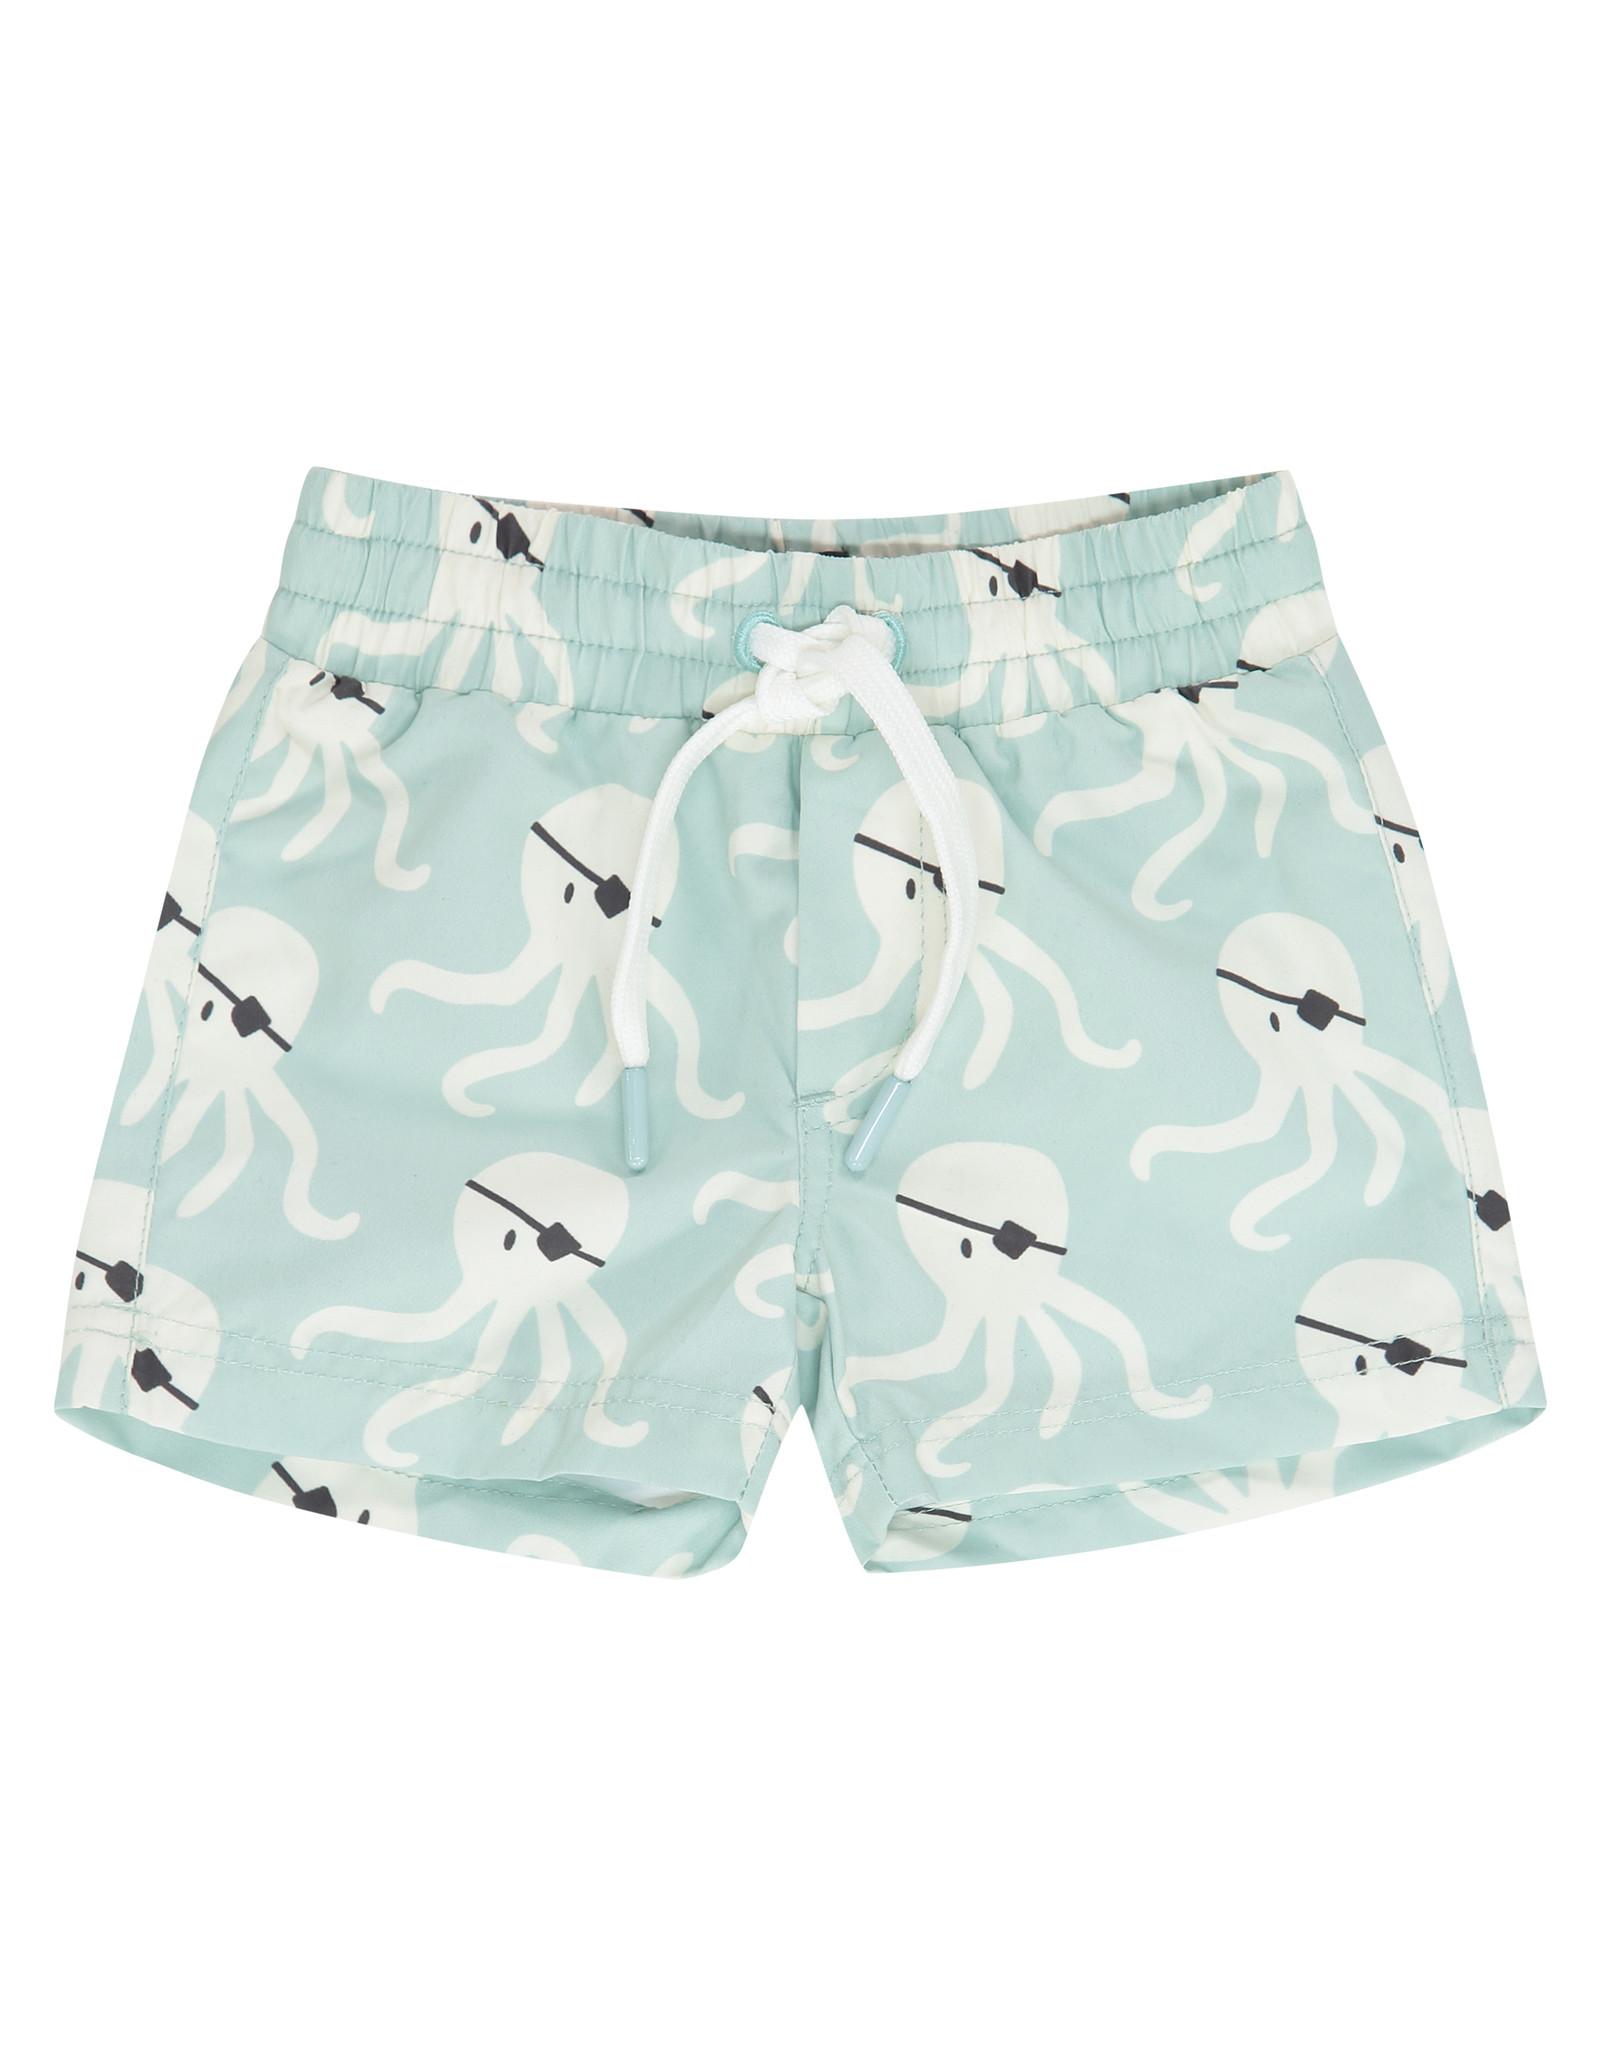 Babyface boys swim short, grey mint, BBE21207251